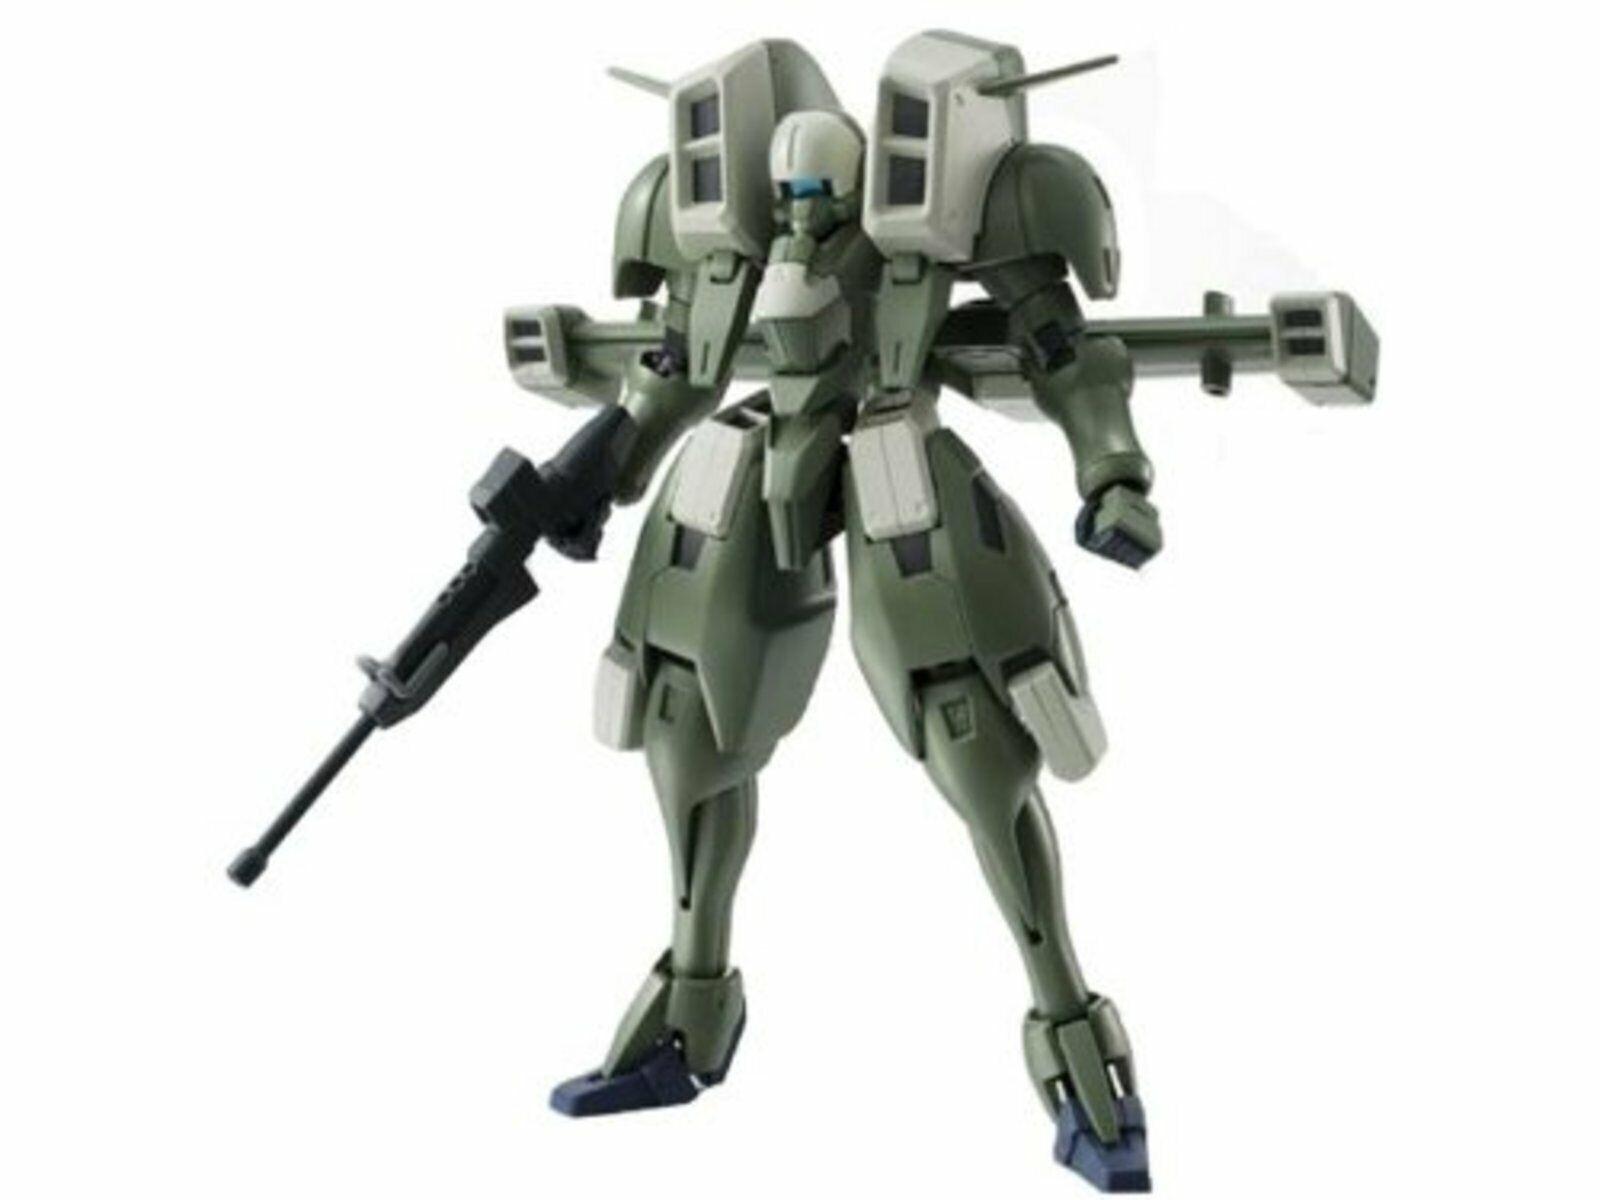 Robot Spirits Côté Ms Gundamw Aries Noin Actionfigure F S  W   Suivi MouveHommests    Dans votre attente